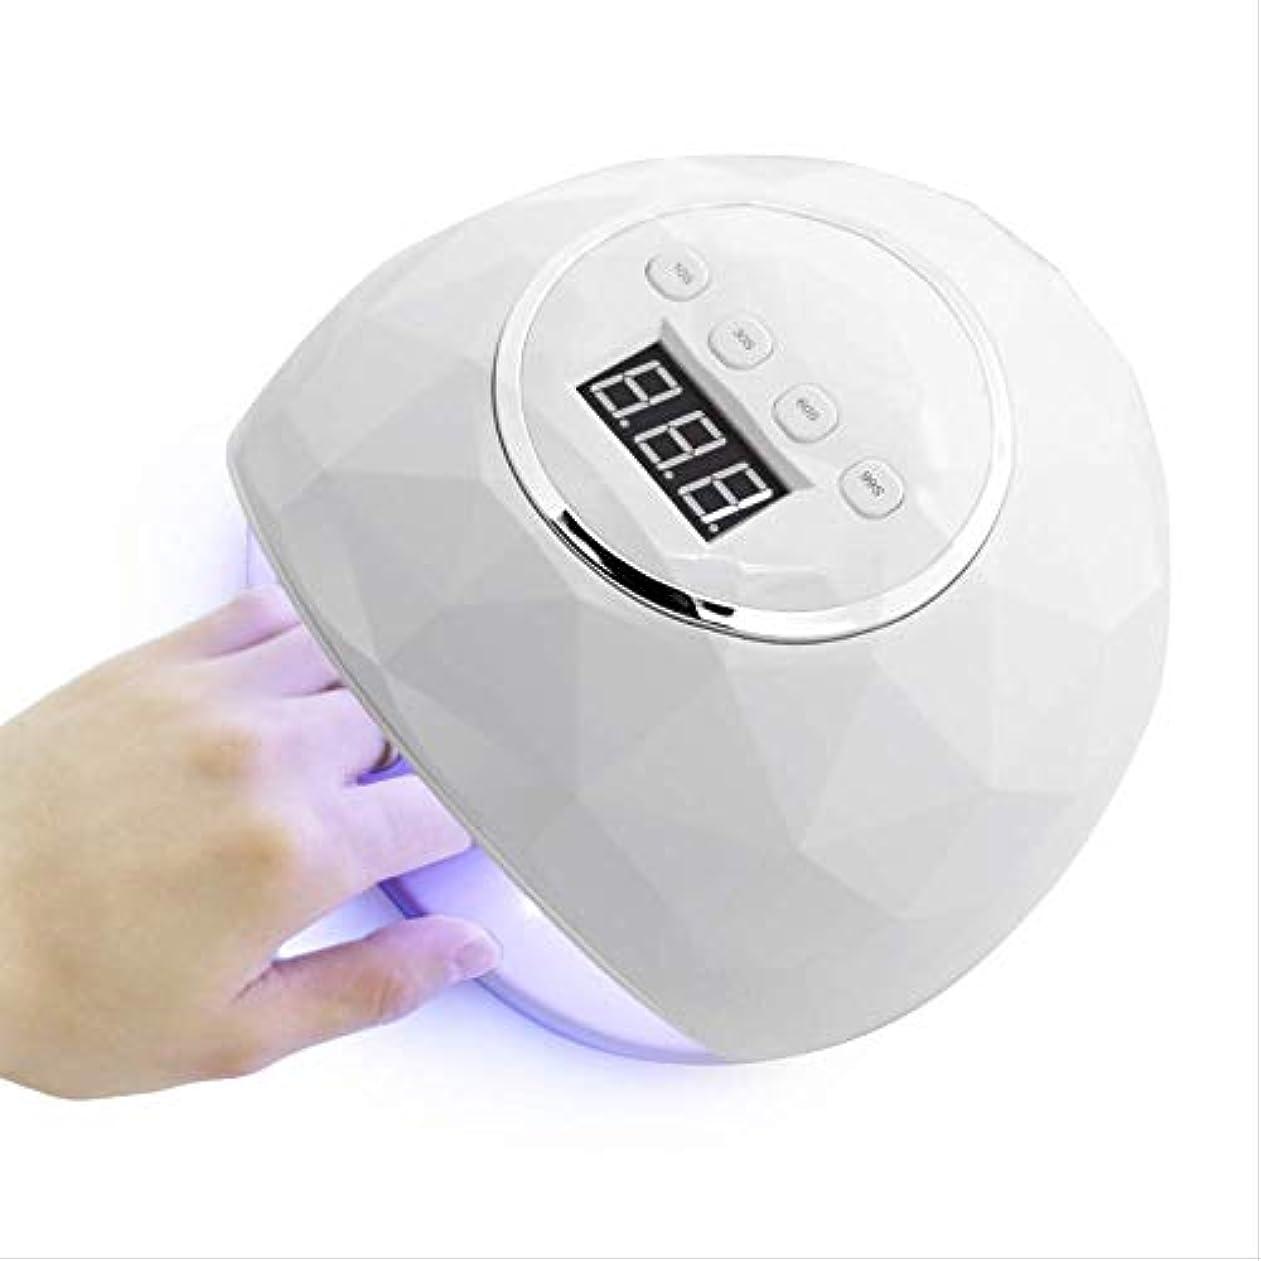 アレルギー想定心臓RRSHUN 86w UV LEDランプネイルドライヤー39ピースLedデュアルハンドネイルランプUVジェルマニキュアセンサータイマーLcdディスプレイを硬化